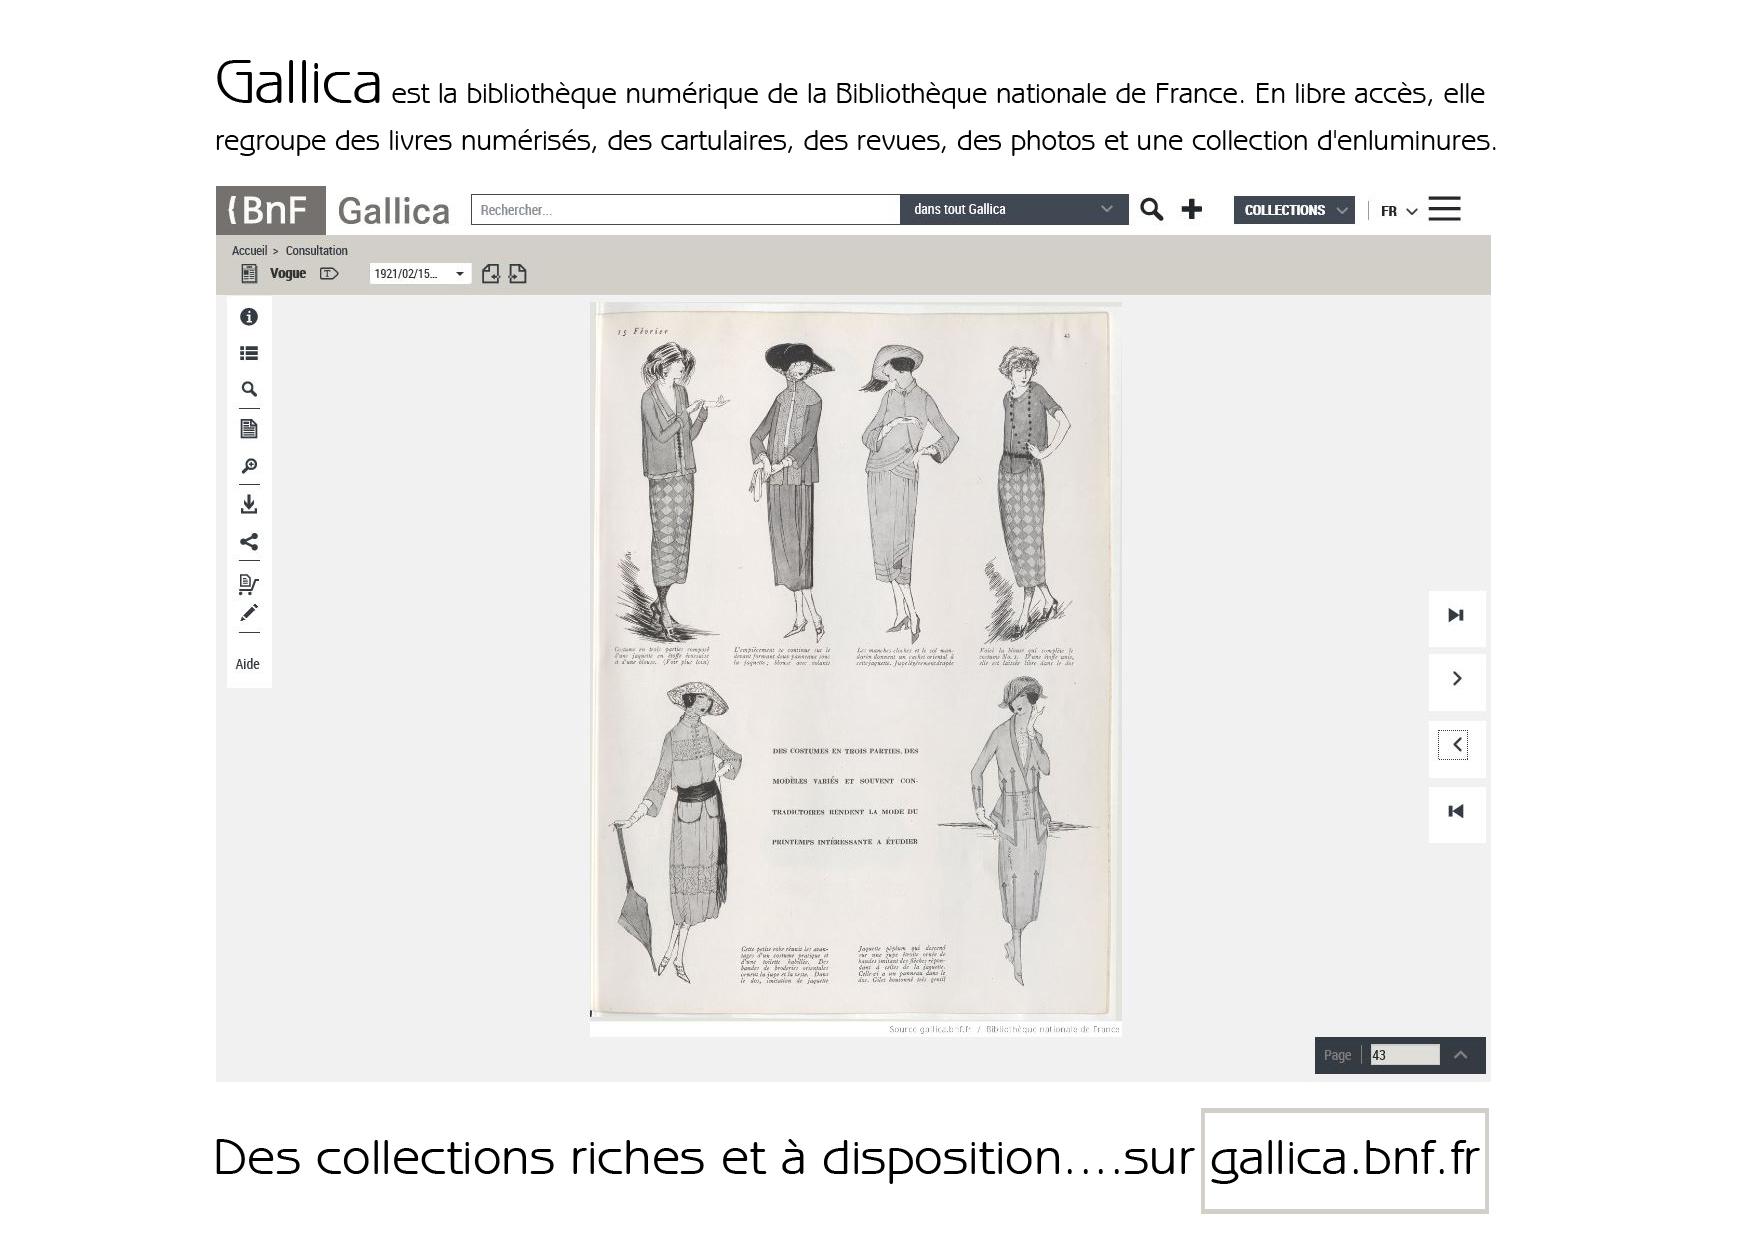 gallica_BNF